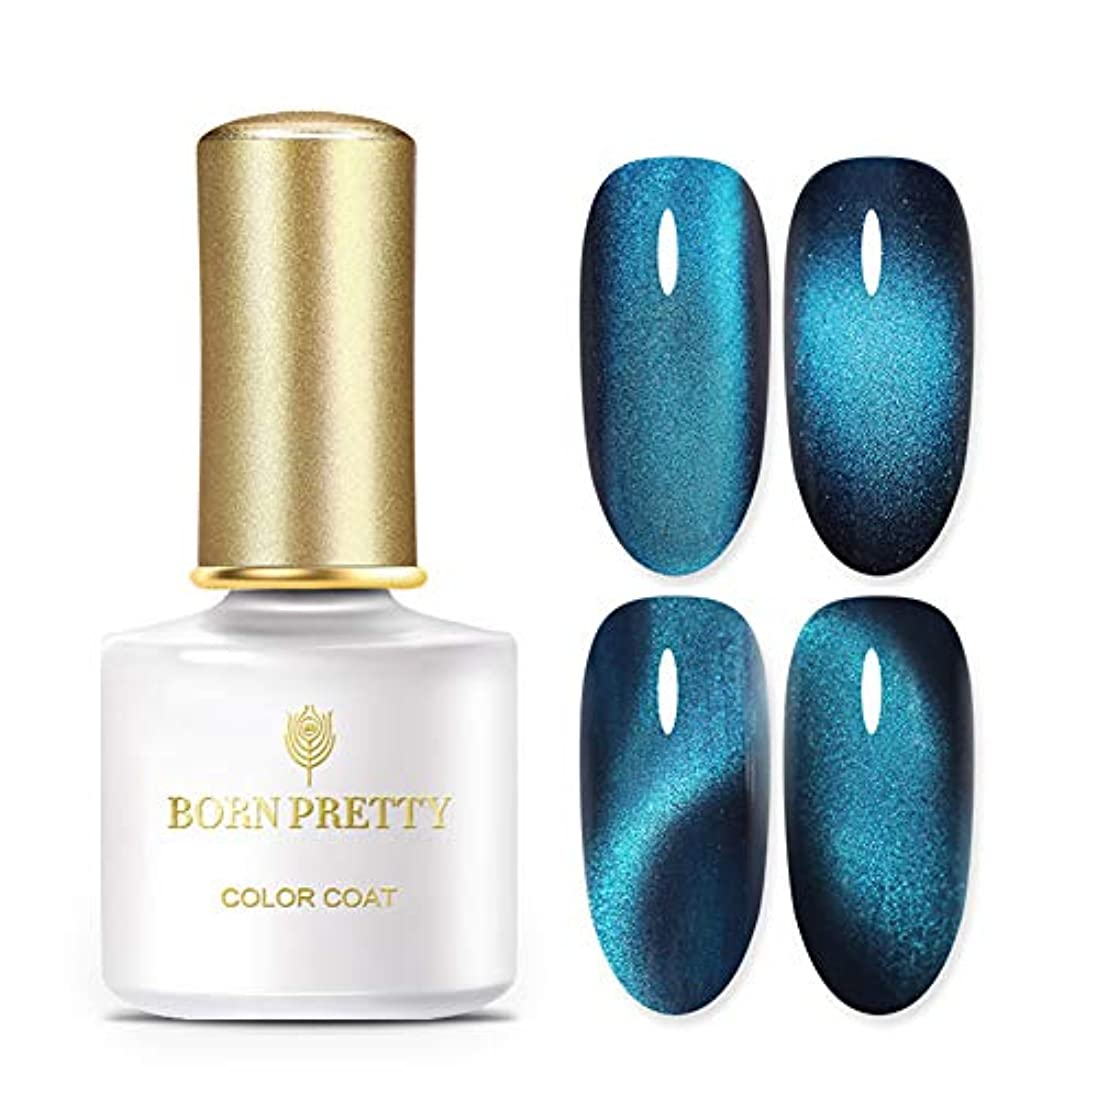 運命的な試み空白BORN PRETTY 5Dキャッツアイジェルカラー 磁石で模様が変わる 6ml 12色選択可 UV/LED対応 ジェルネイルアート [並行輸入品]